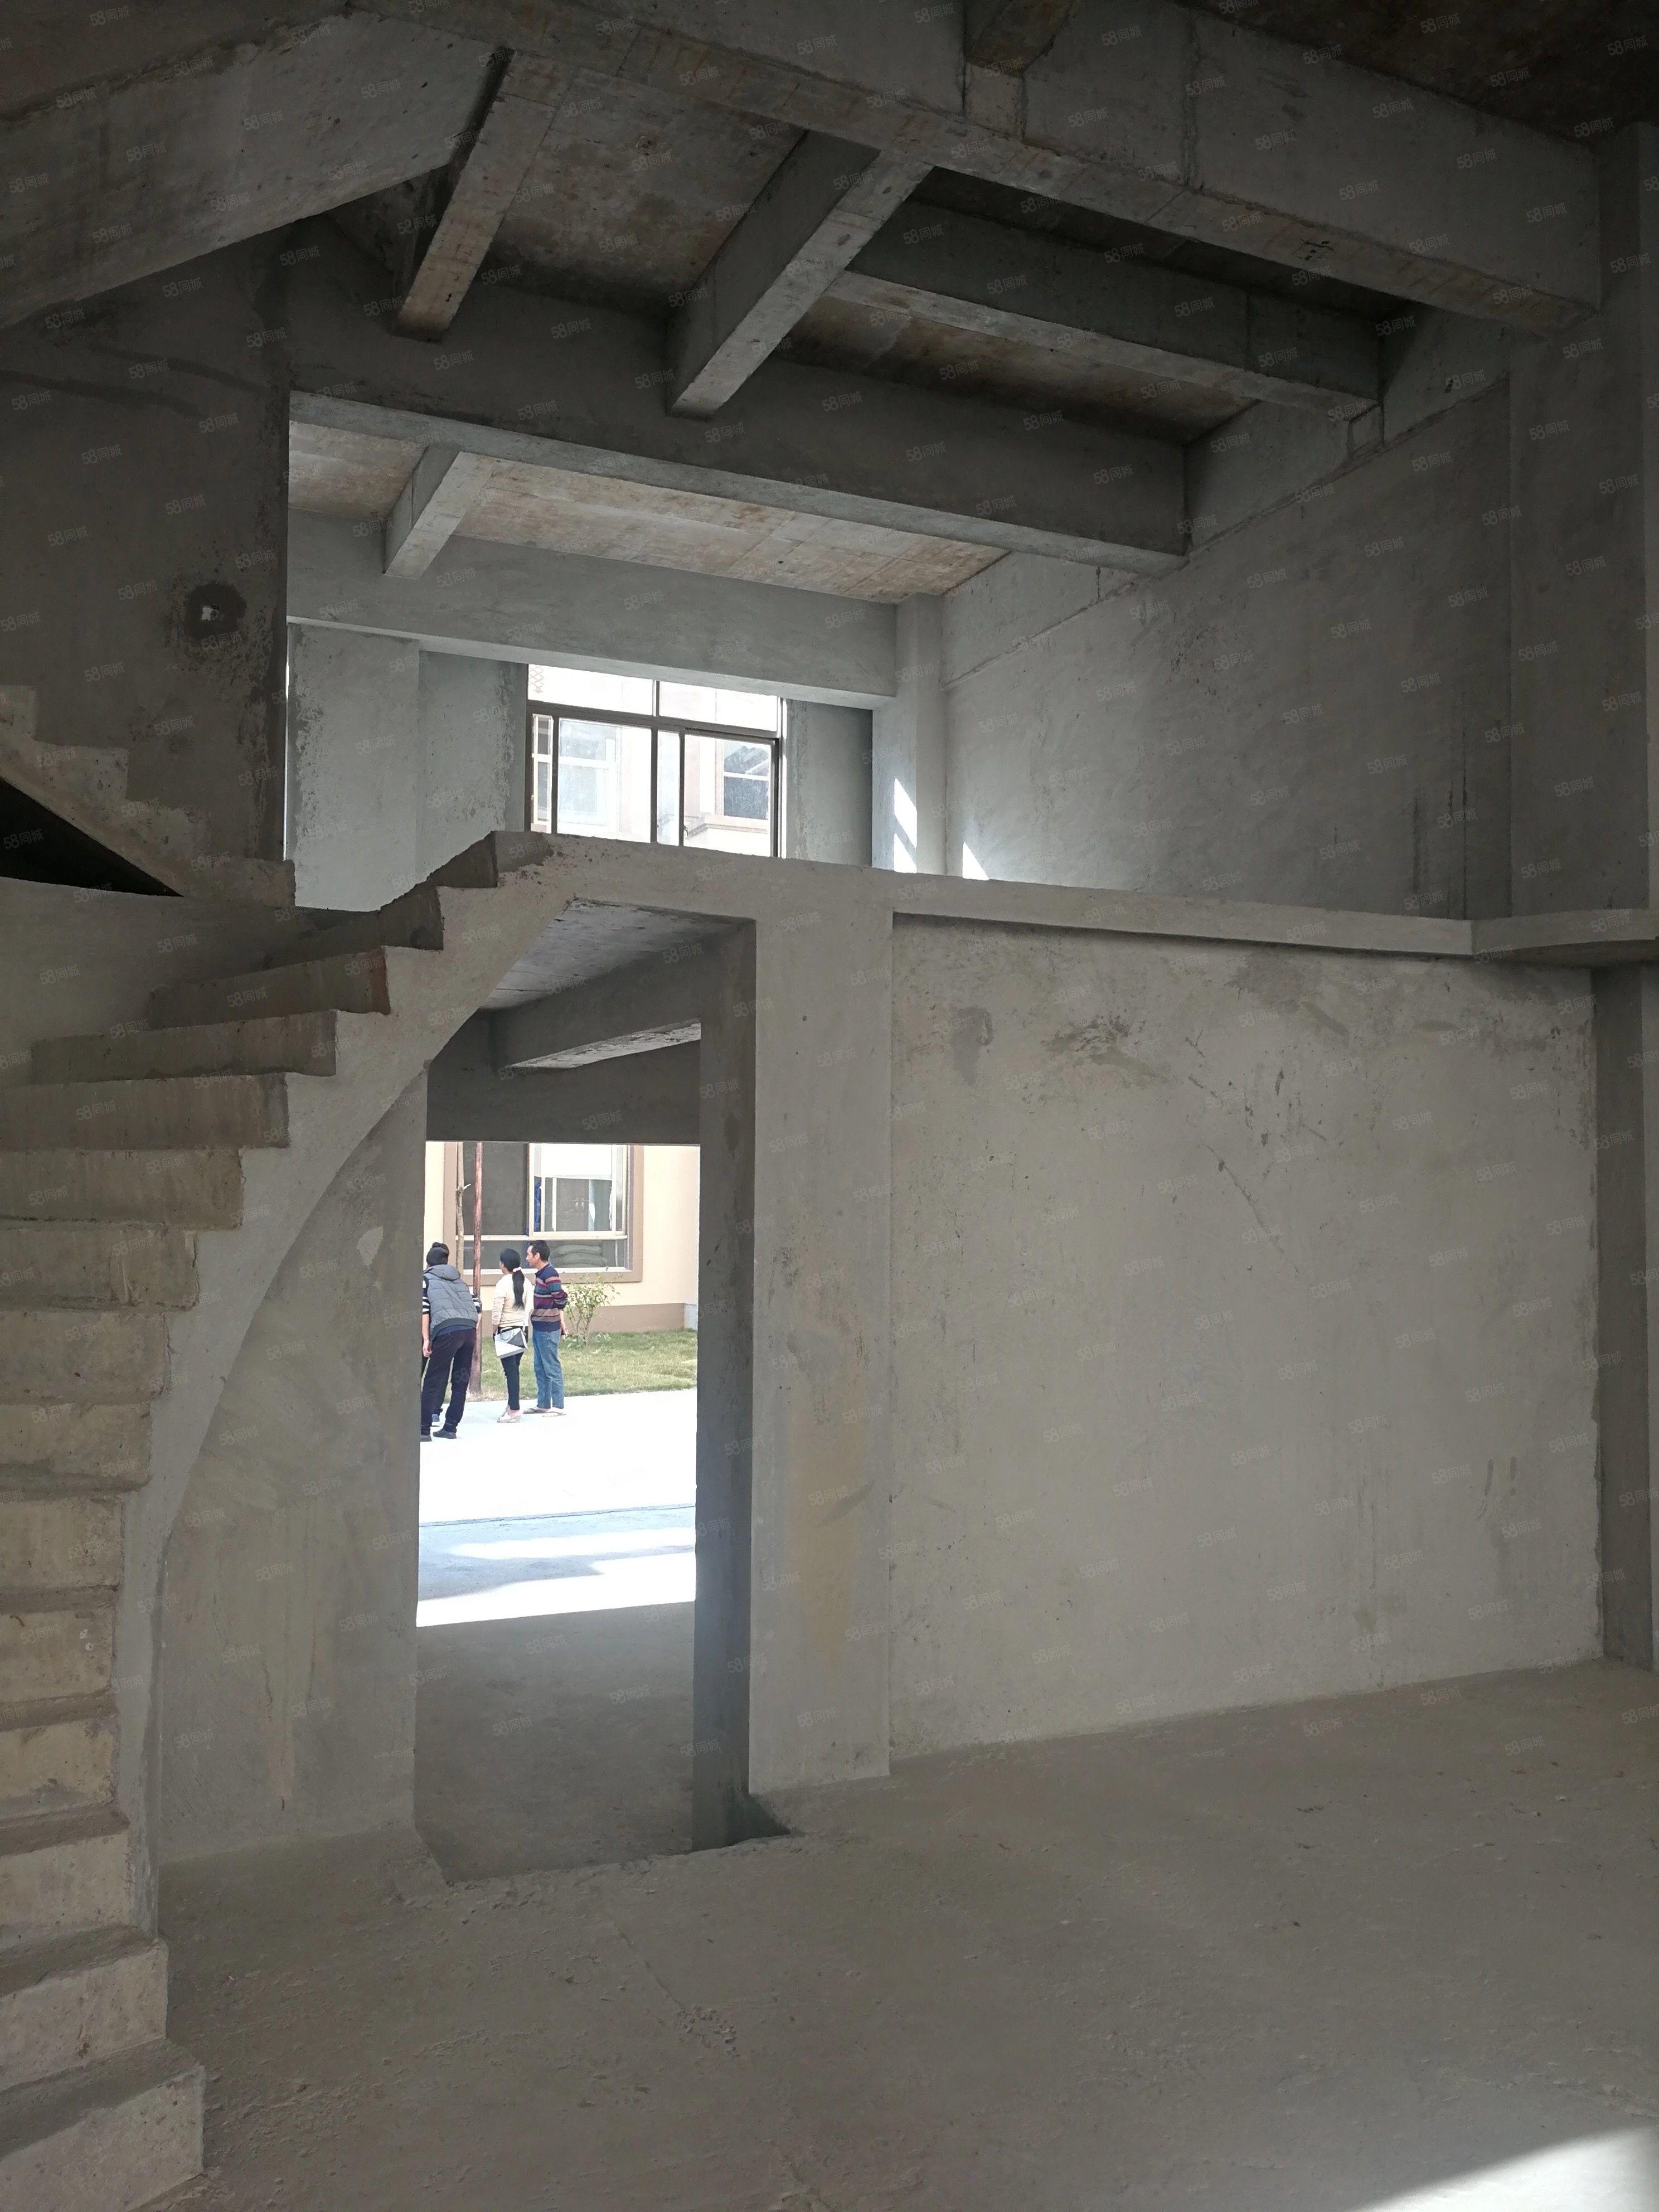 学府佳园联排别墅6室2厅4卫客厅中空设计带车库环境好